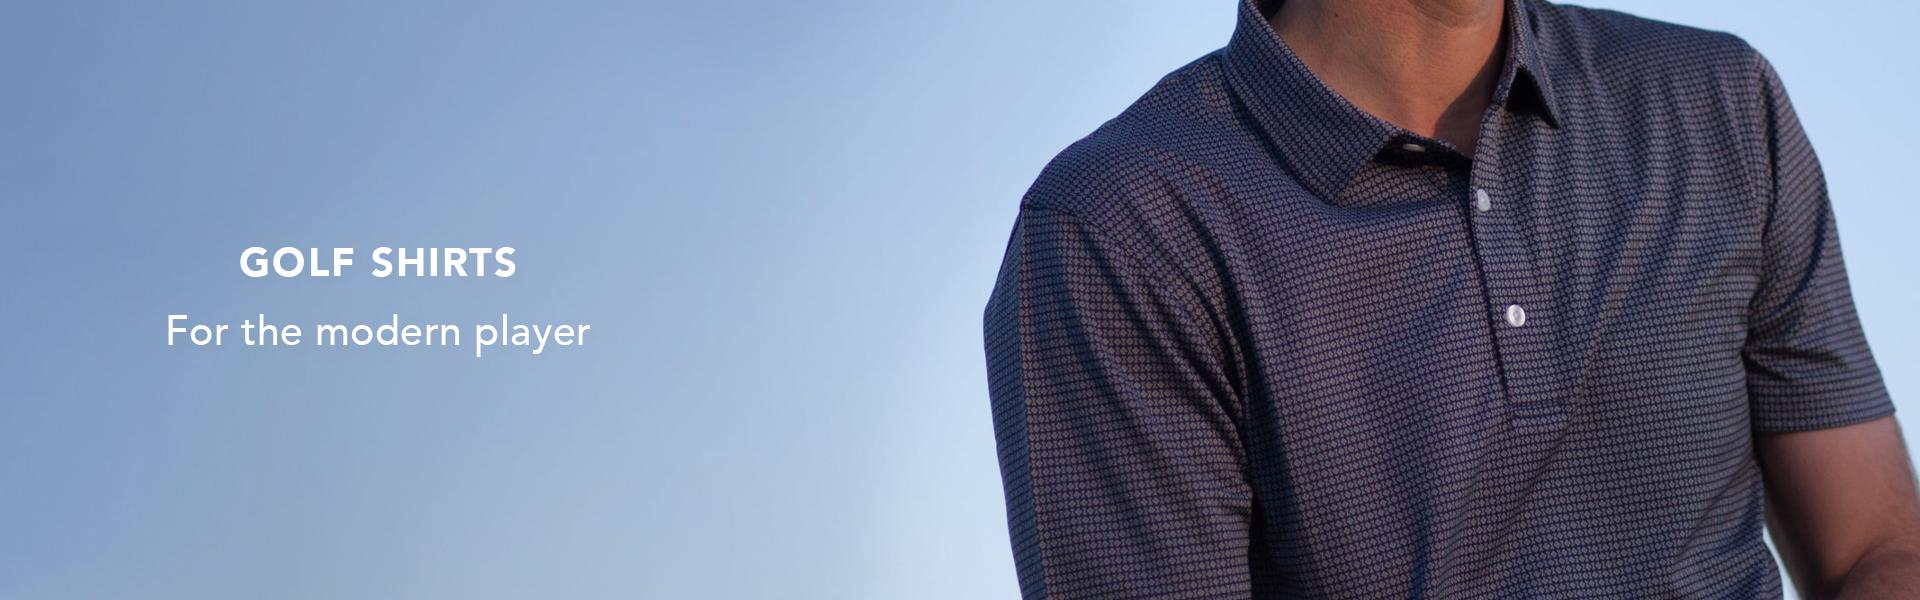 dunning-banner-anchor-golf-shirts-modern.jpg